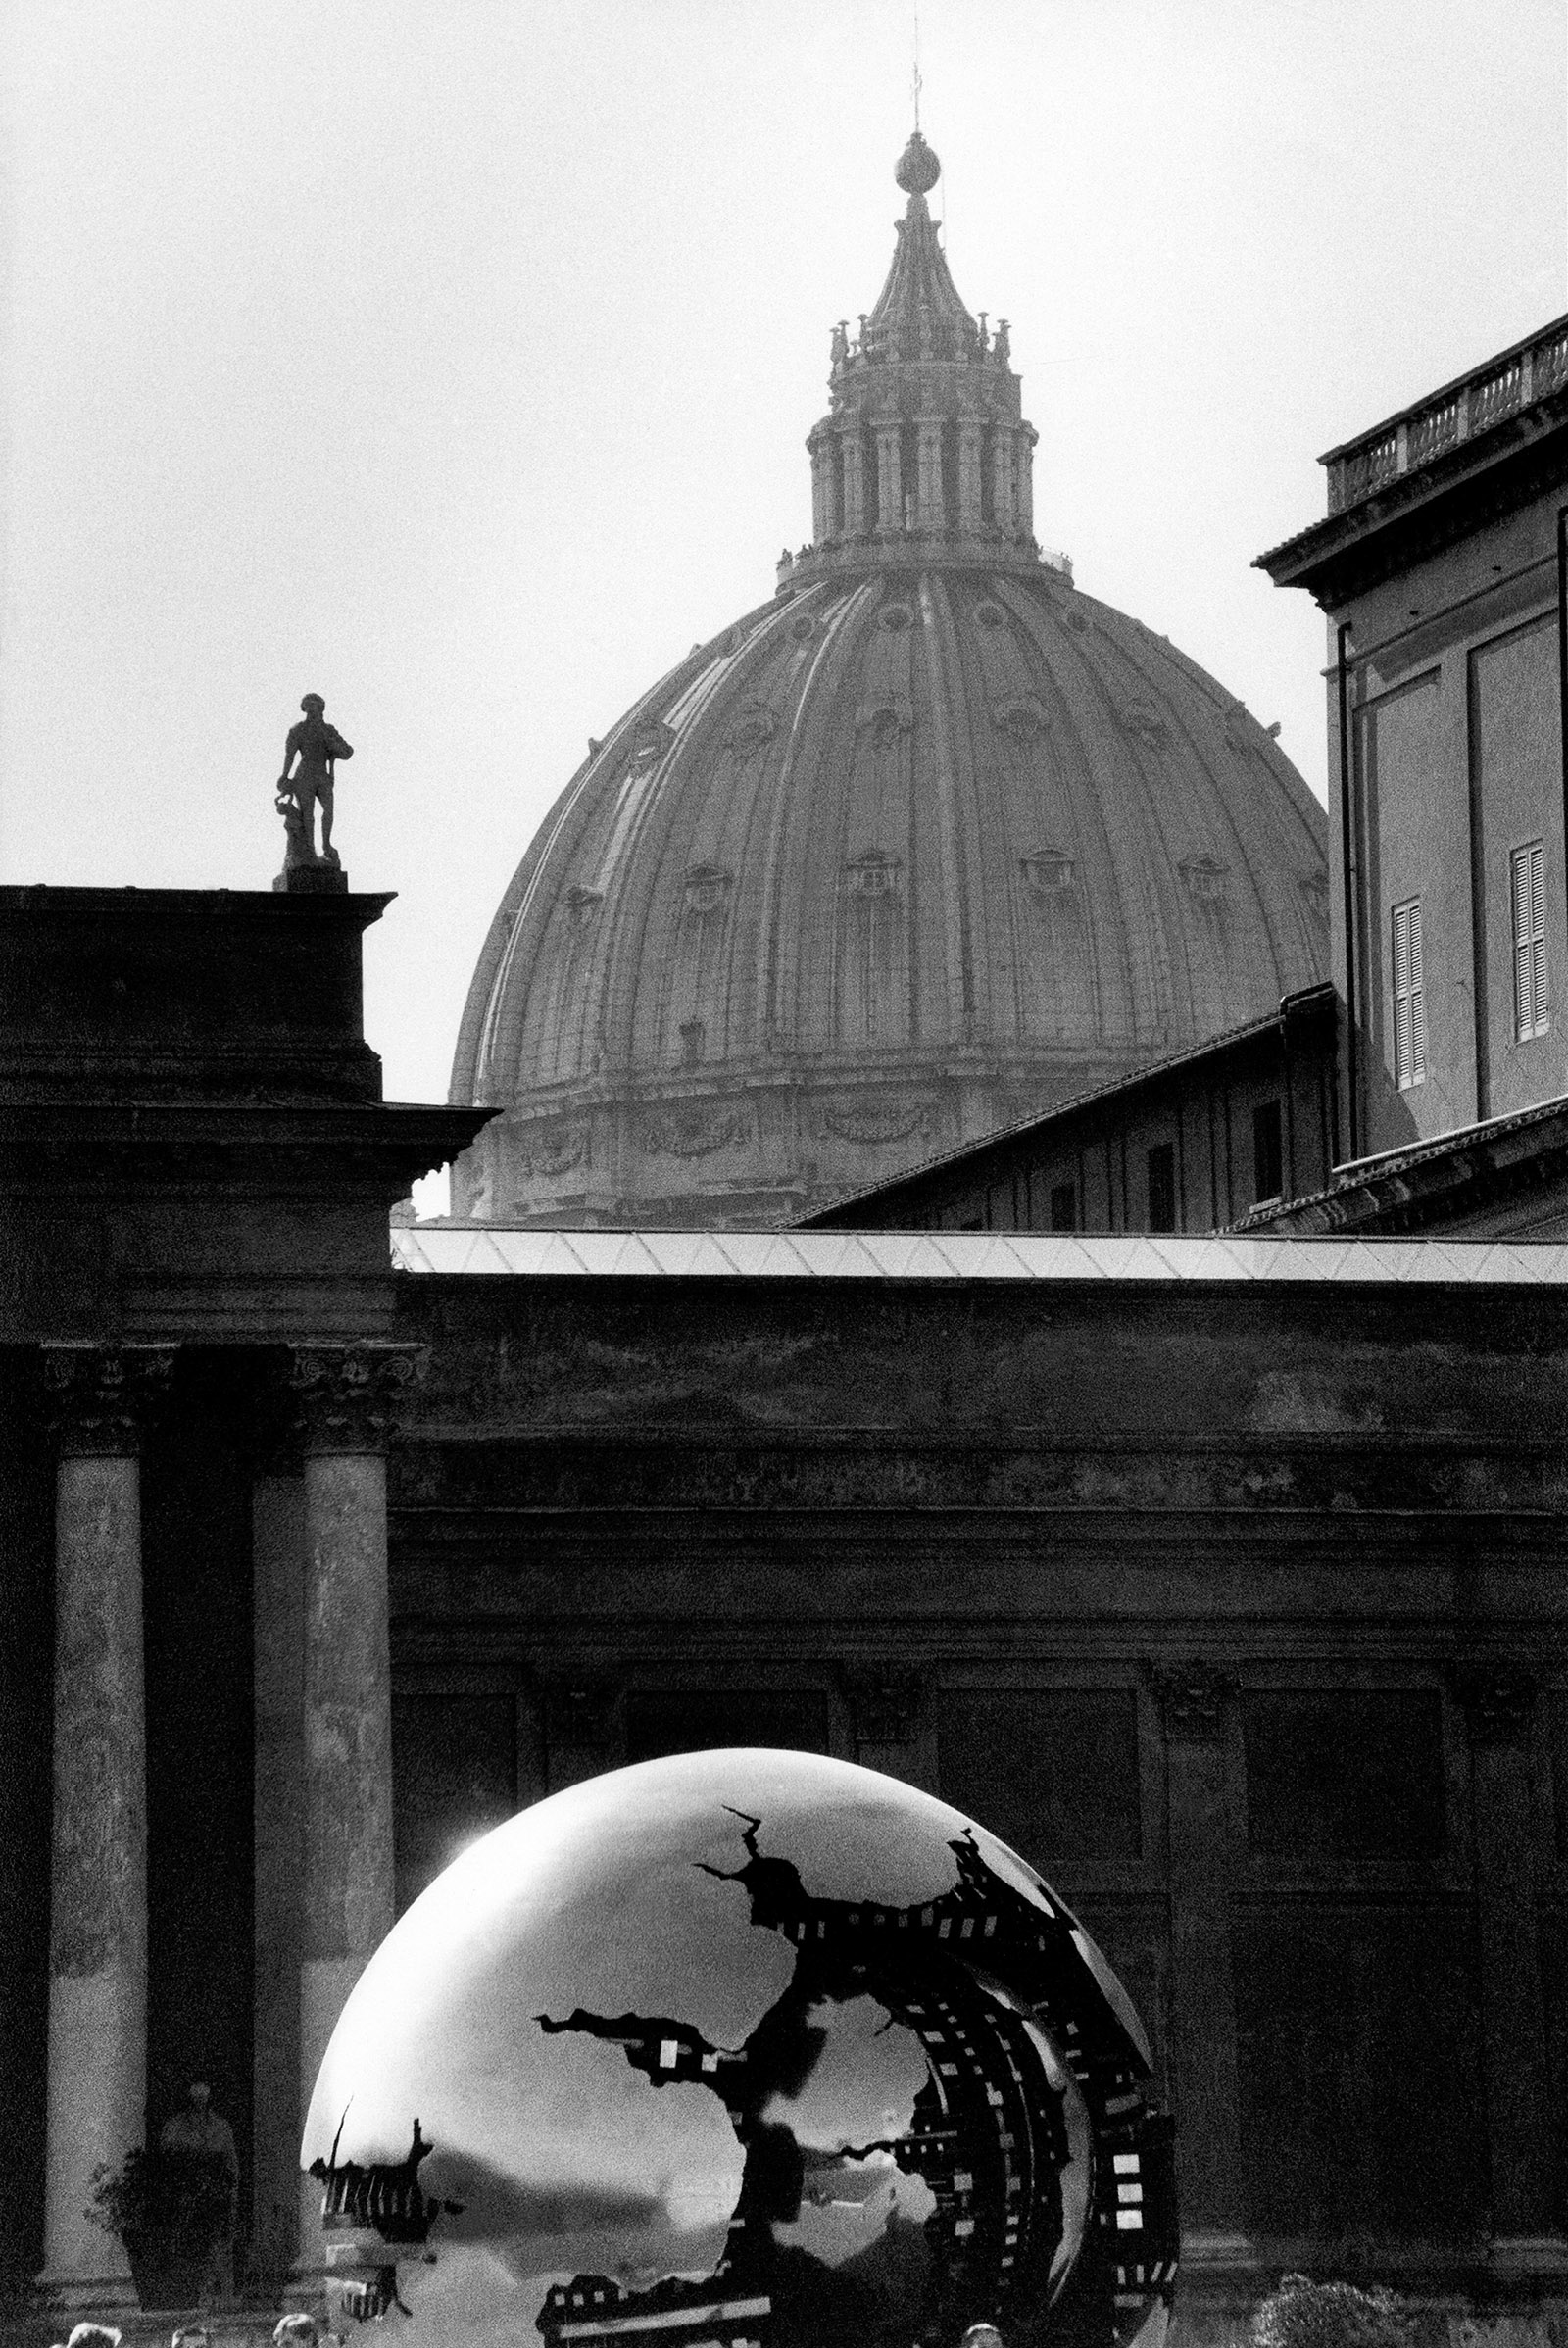 St. Peter's Basilica, Vatican City, 1993